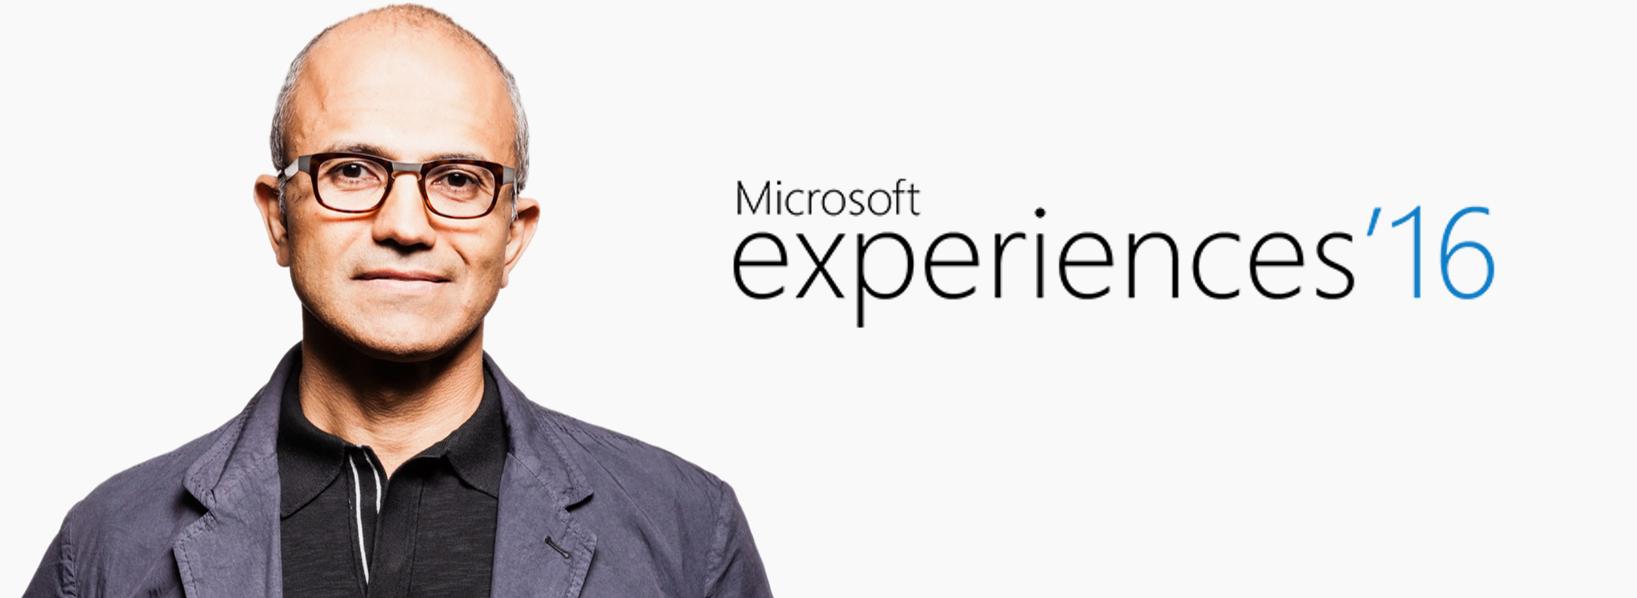 Photo Satya Nadella Microsoft Expériences 16